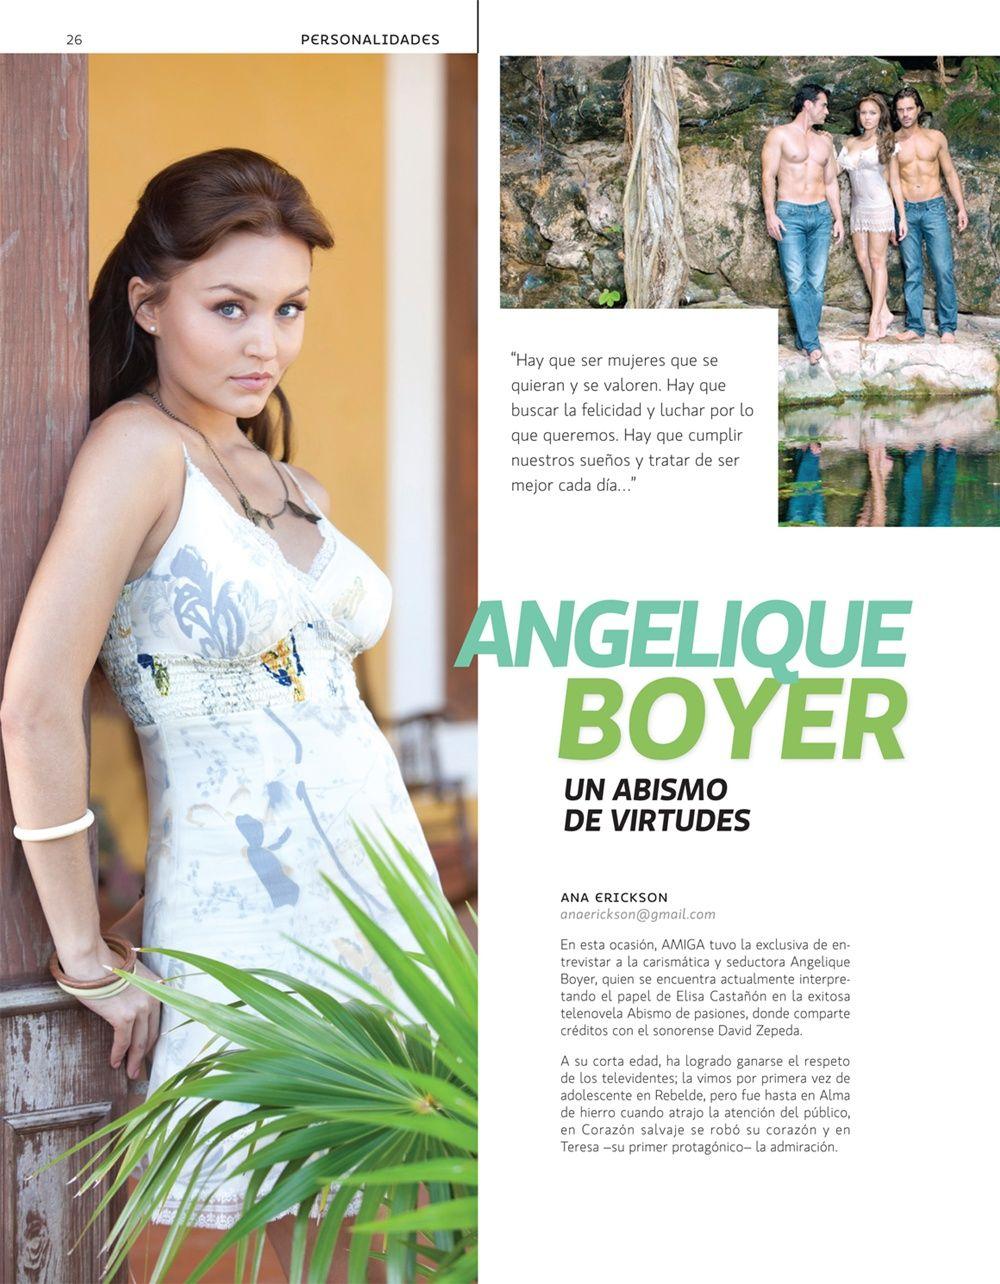 ანჯელიკ  ბოიერი // Angelique Boyer #2 - Page 2 A42a9a704b956498c70ac6457c15912d